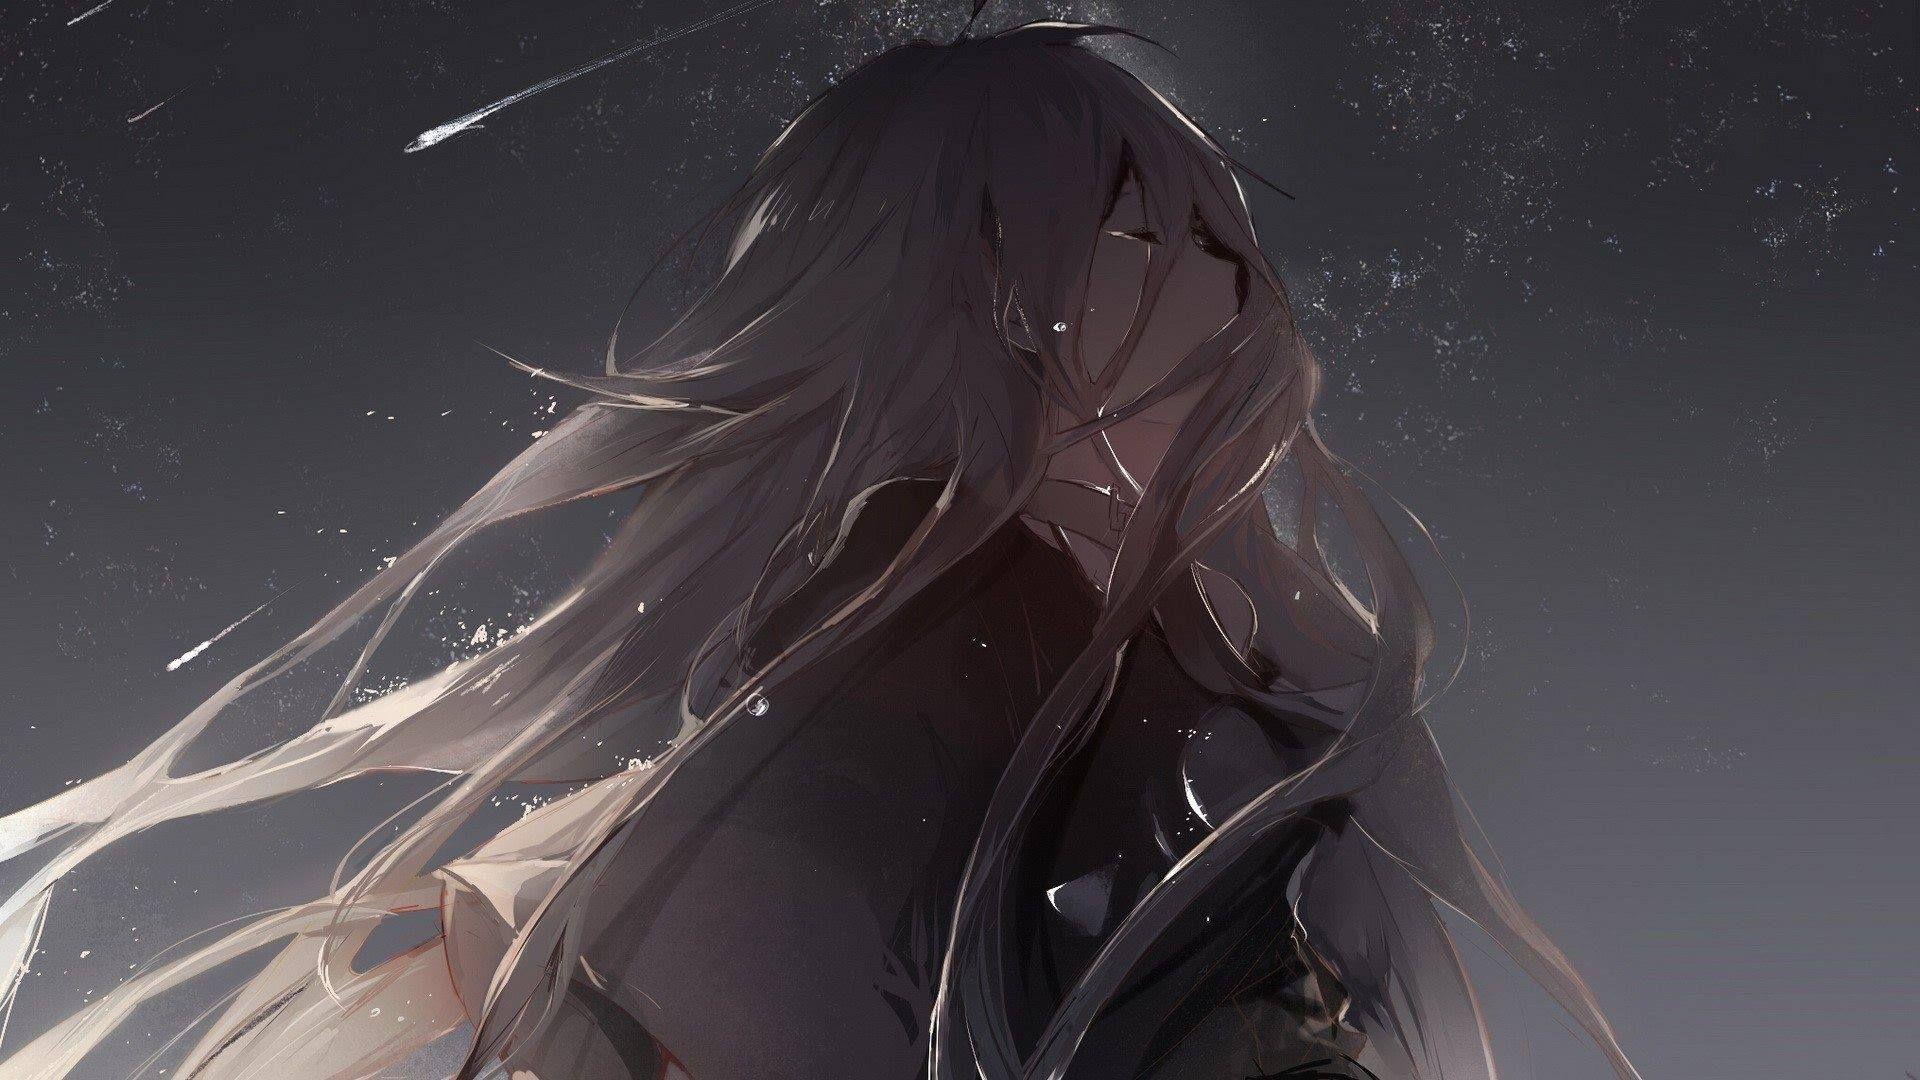 Messenger  Cô gái phim hoạt hình, Minh họa nhân vật, Vocaloid